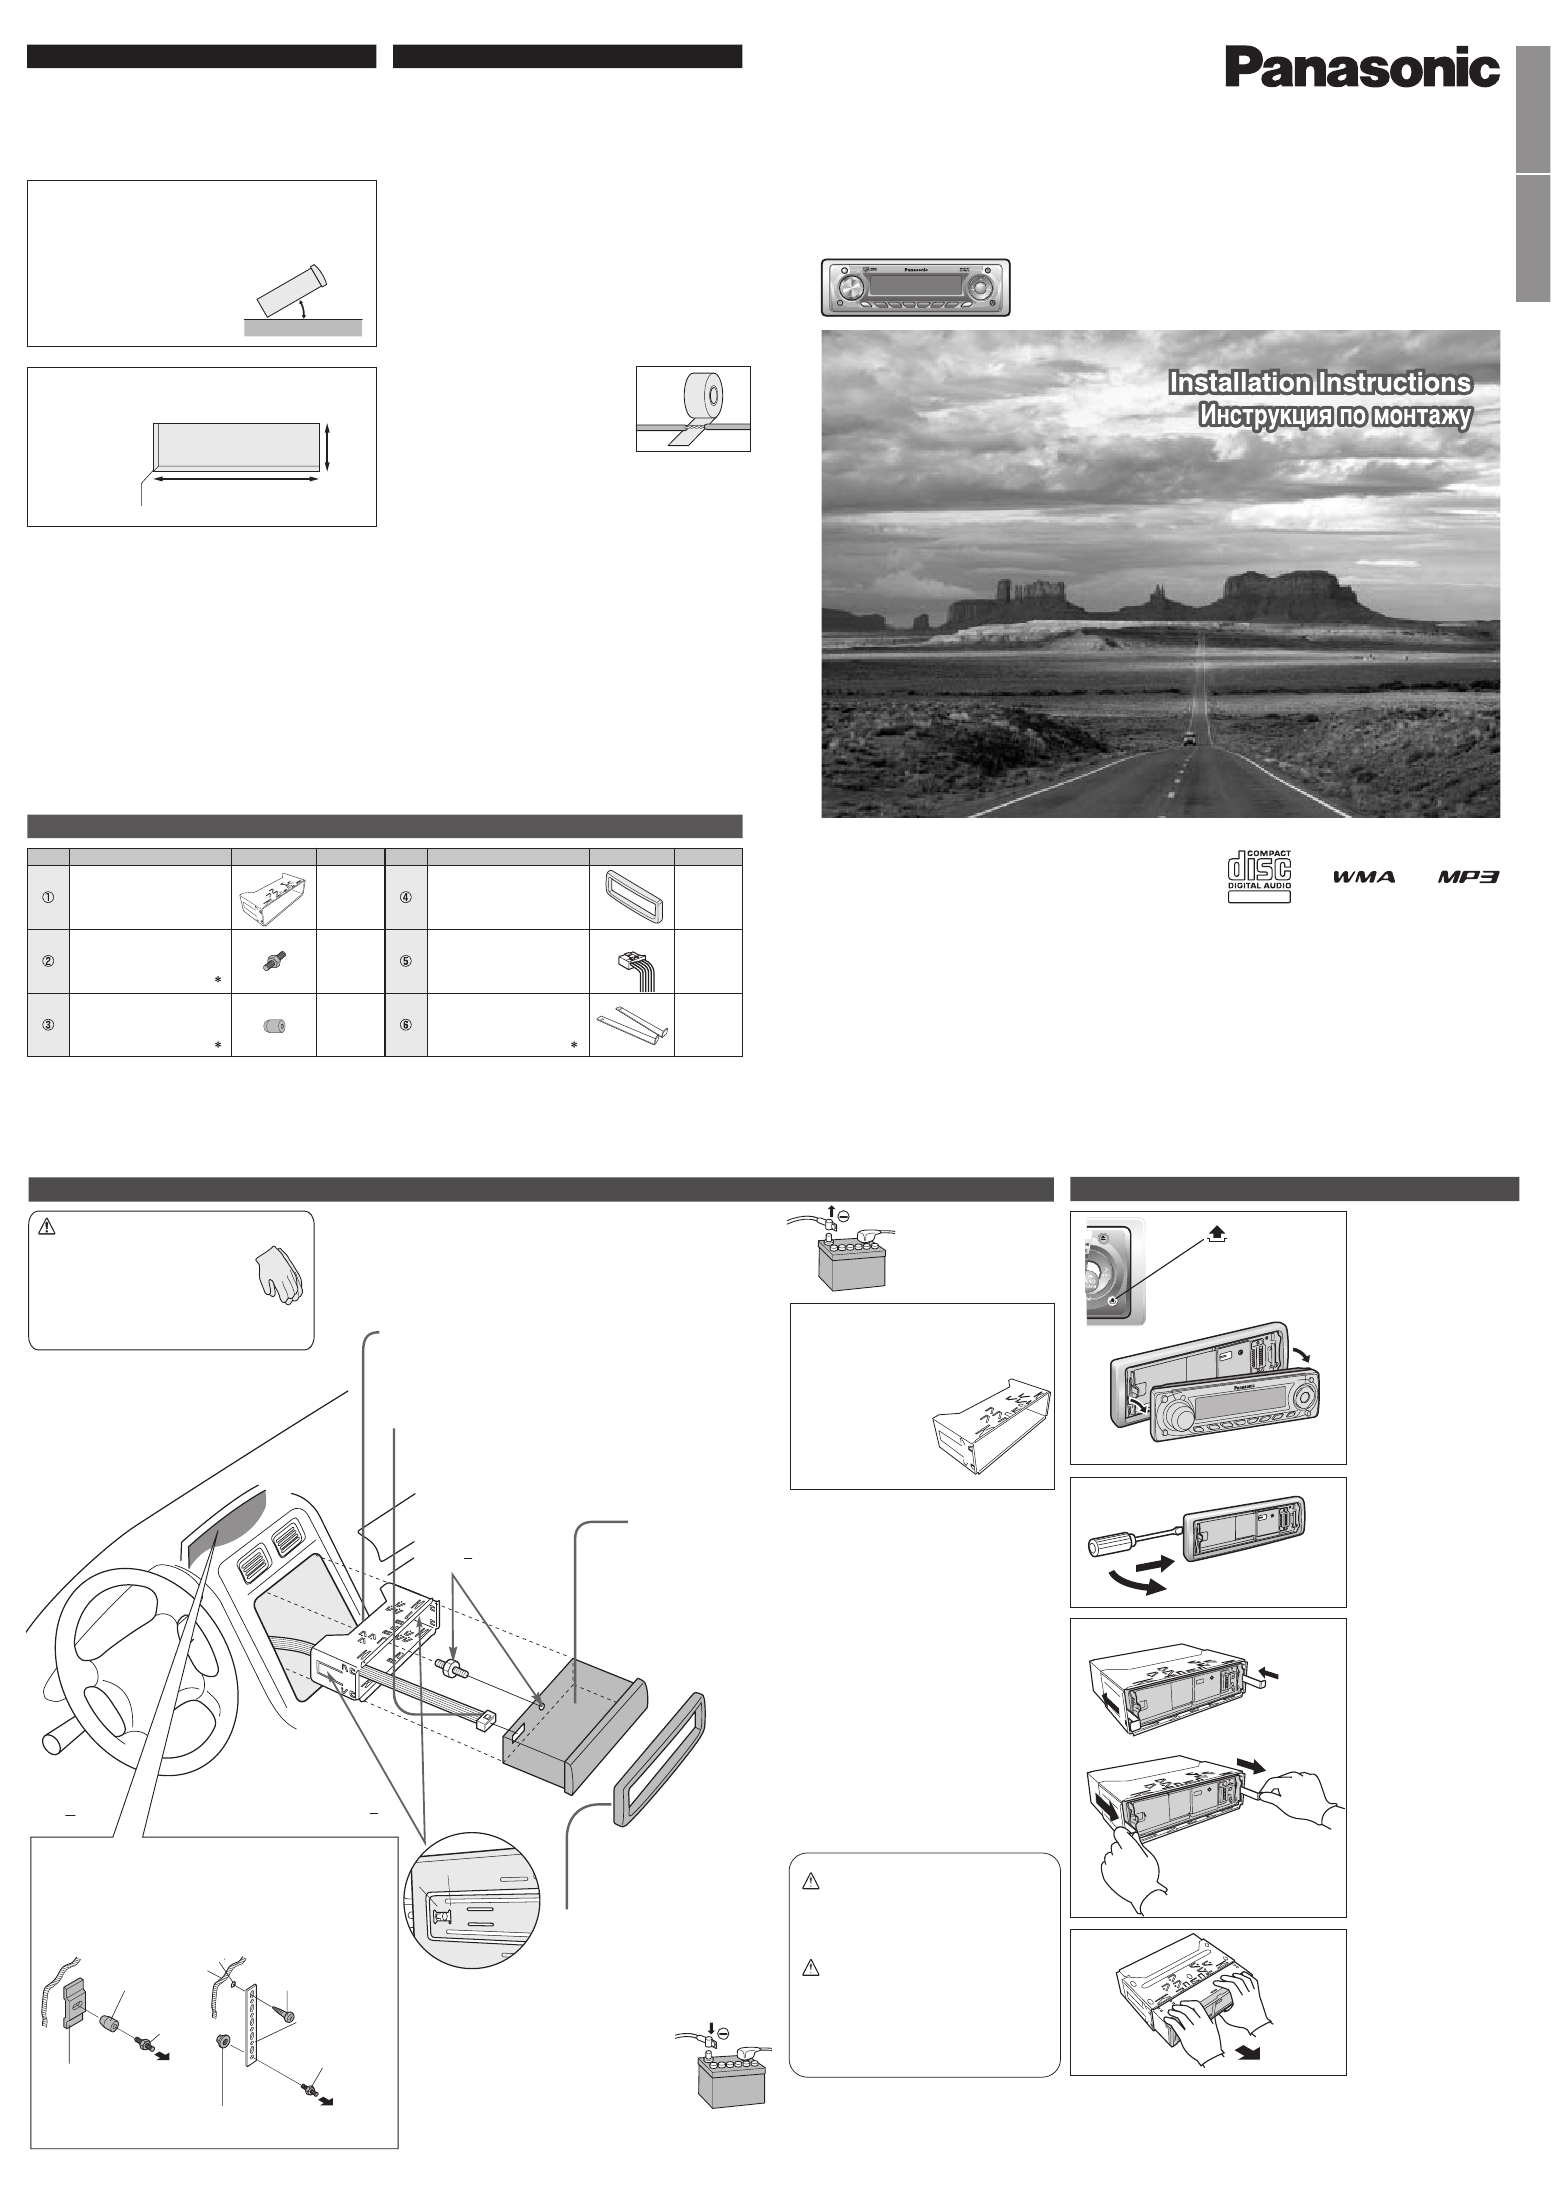 Автомагнитолы панасоник инструкция